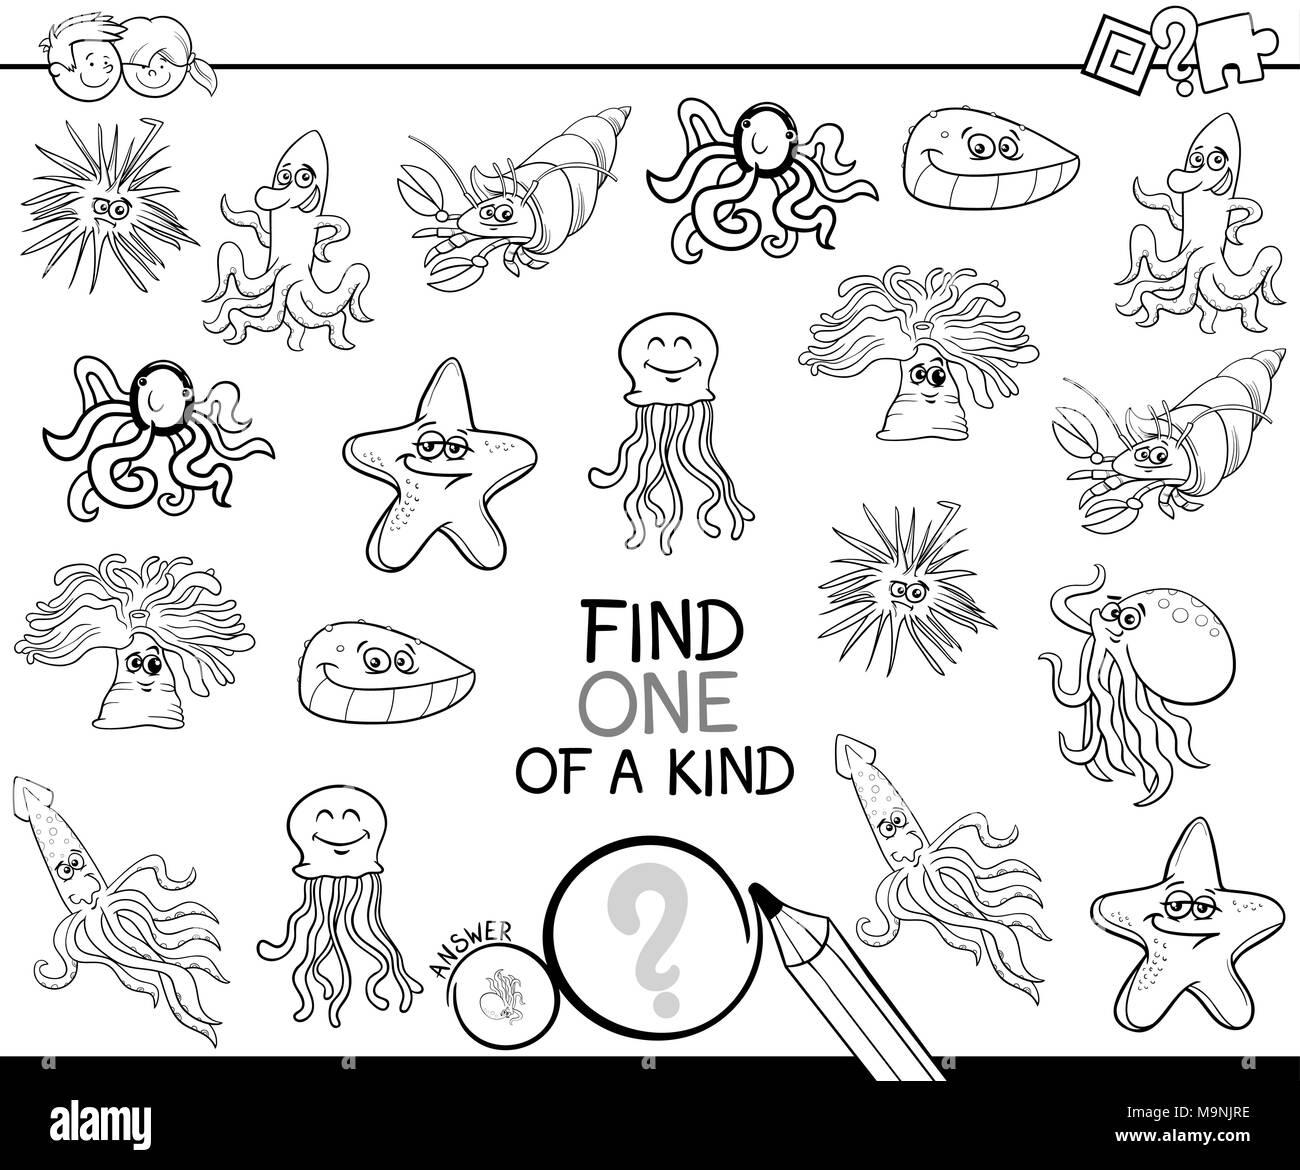 Großartig Hawaii Malvorlagen Für Kinder Ideen - Entry Level Resume ...